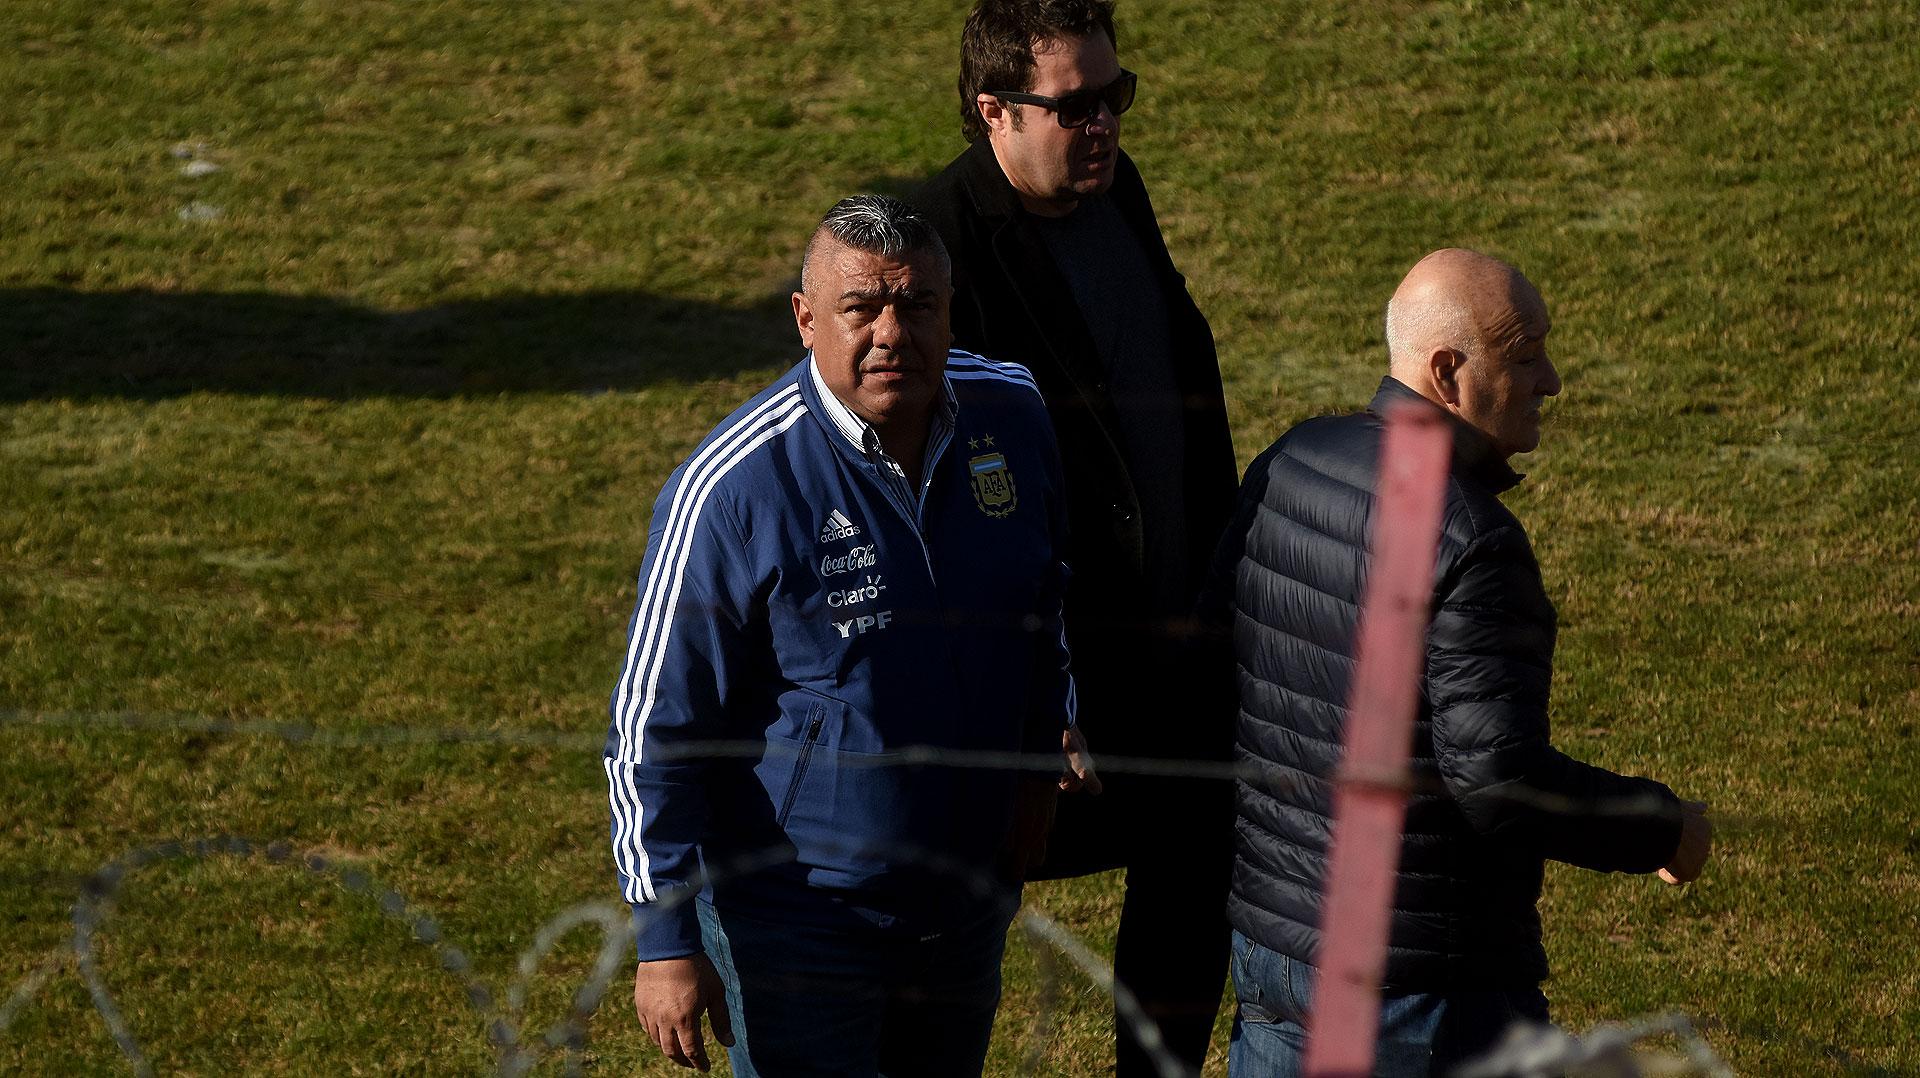 Claudio Chiqui Tapia, acompañado por otros dirigentes del fútbol argentino, estuvo presente en el césped del estadio ubicado en Parque Patricios